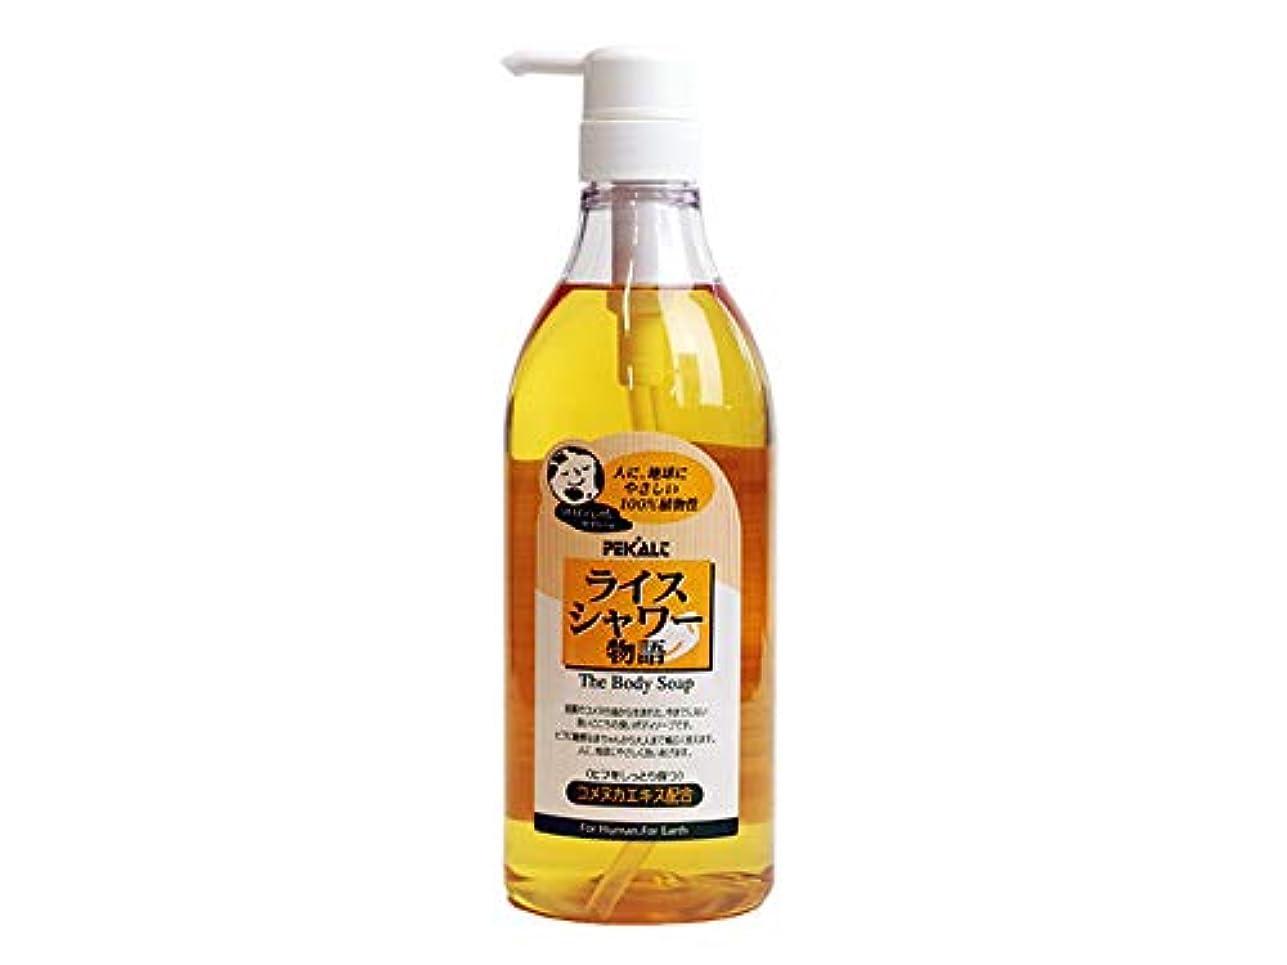 ライスシャワー物語 (香料配合) 800ml (肌にやさしく、洗いごこちの良いボディソープ) (ペカルト)